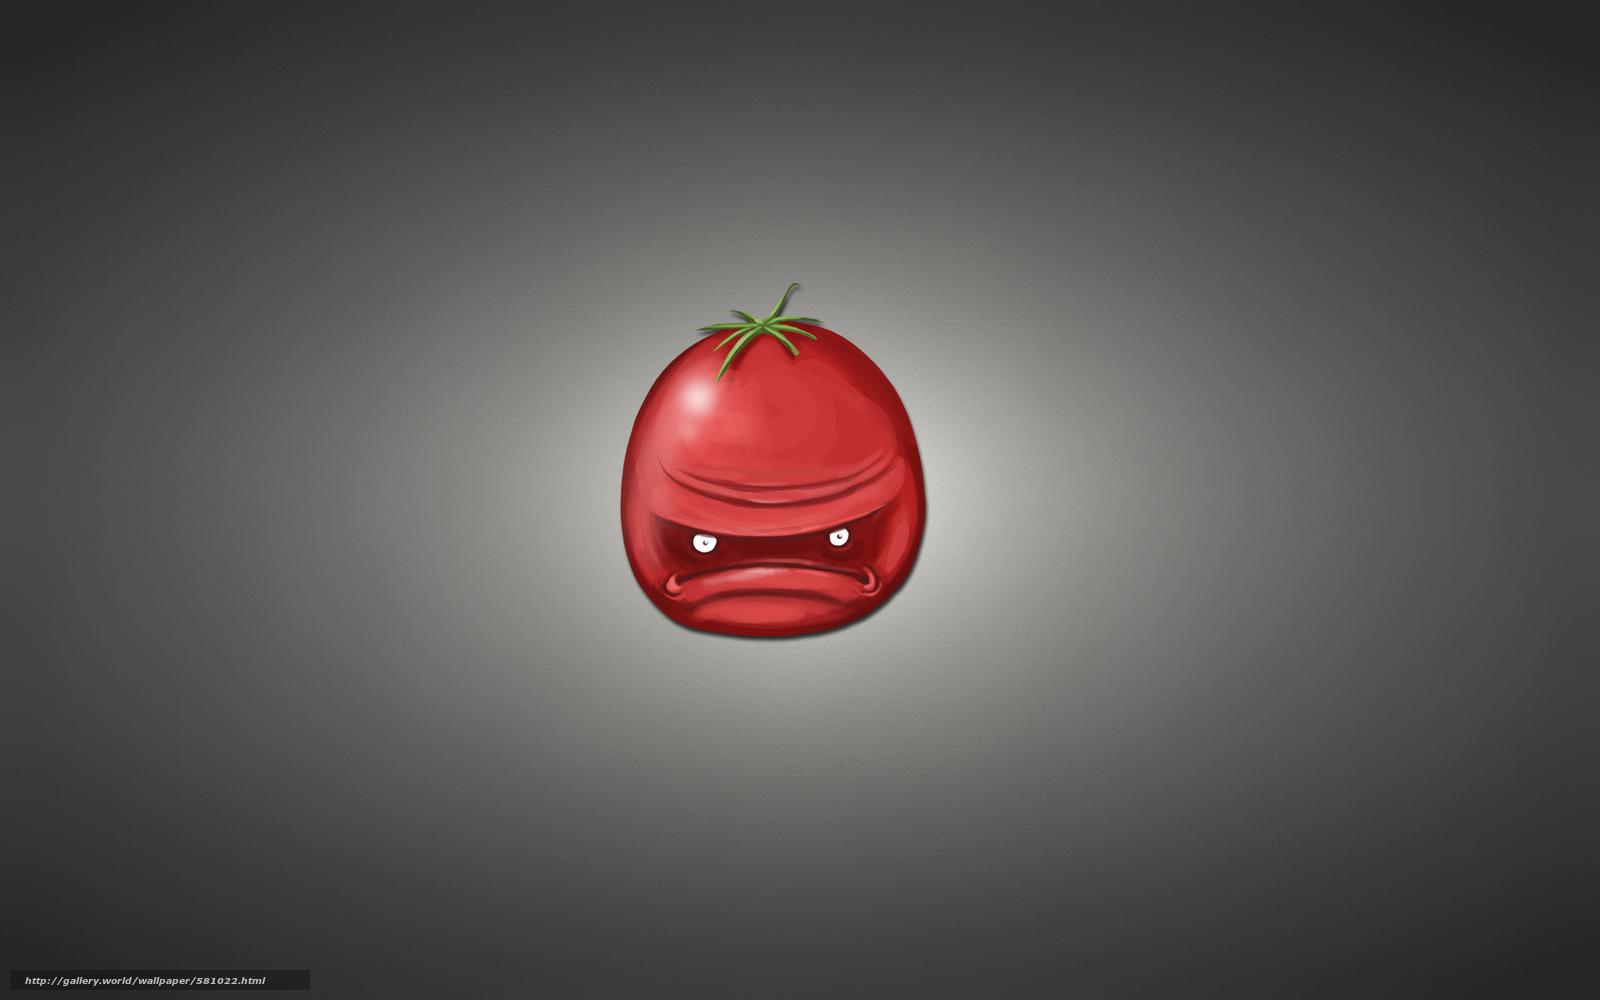 минимализм, красный, томат, темноватый фон, помидор, овощ